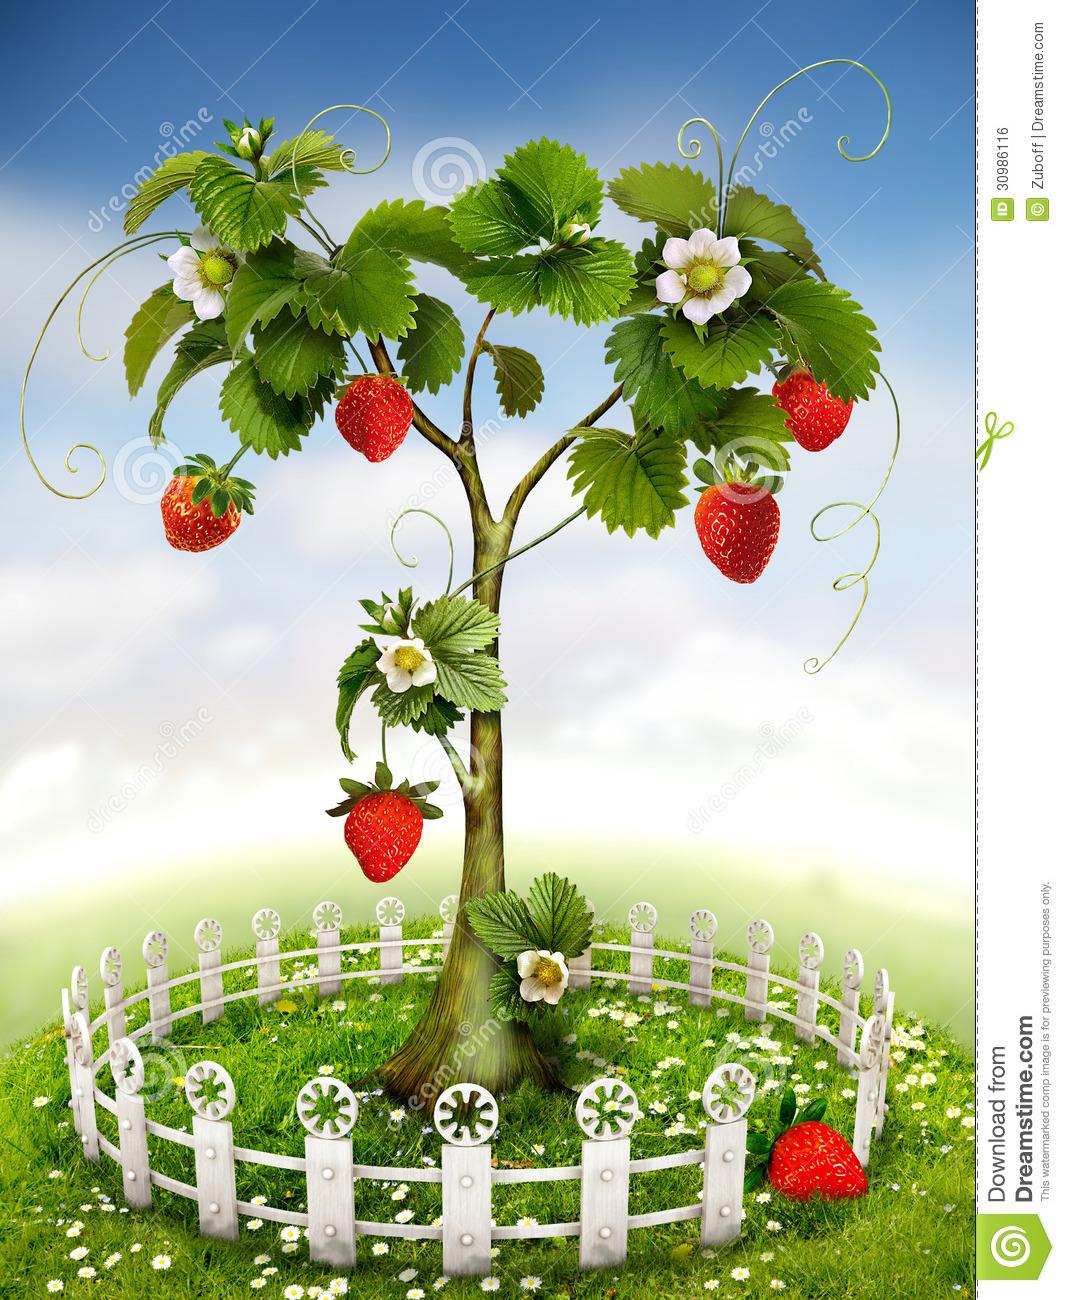 Strawberry garden clipart.